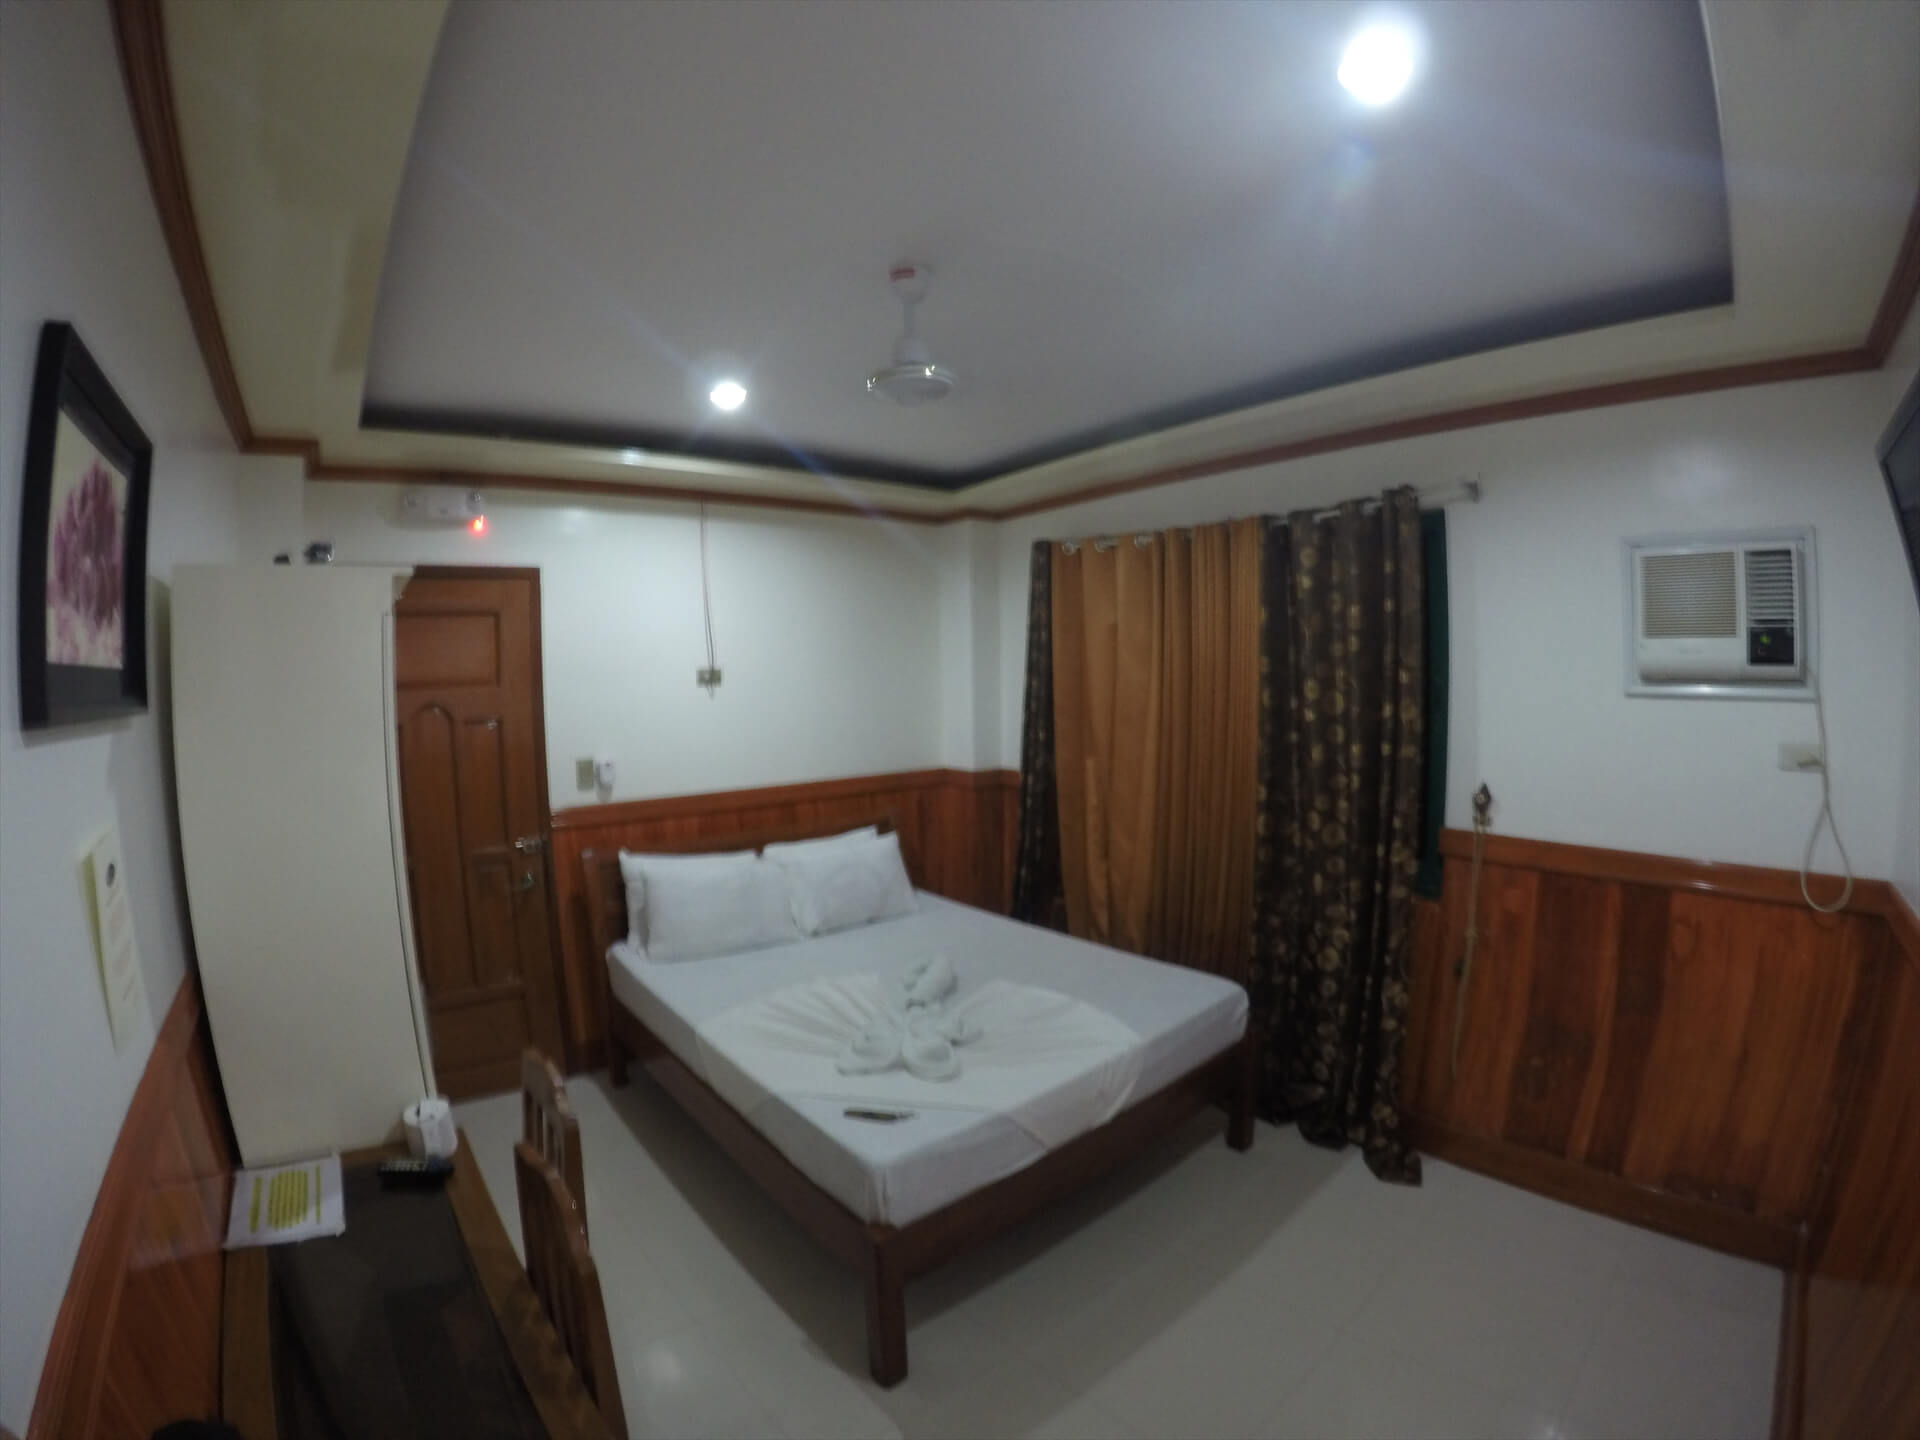 Garnet Hotel(ガーネットホテル)の部屋の写真